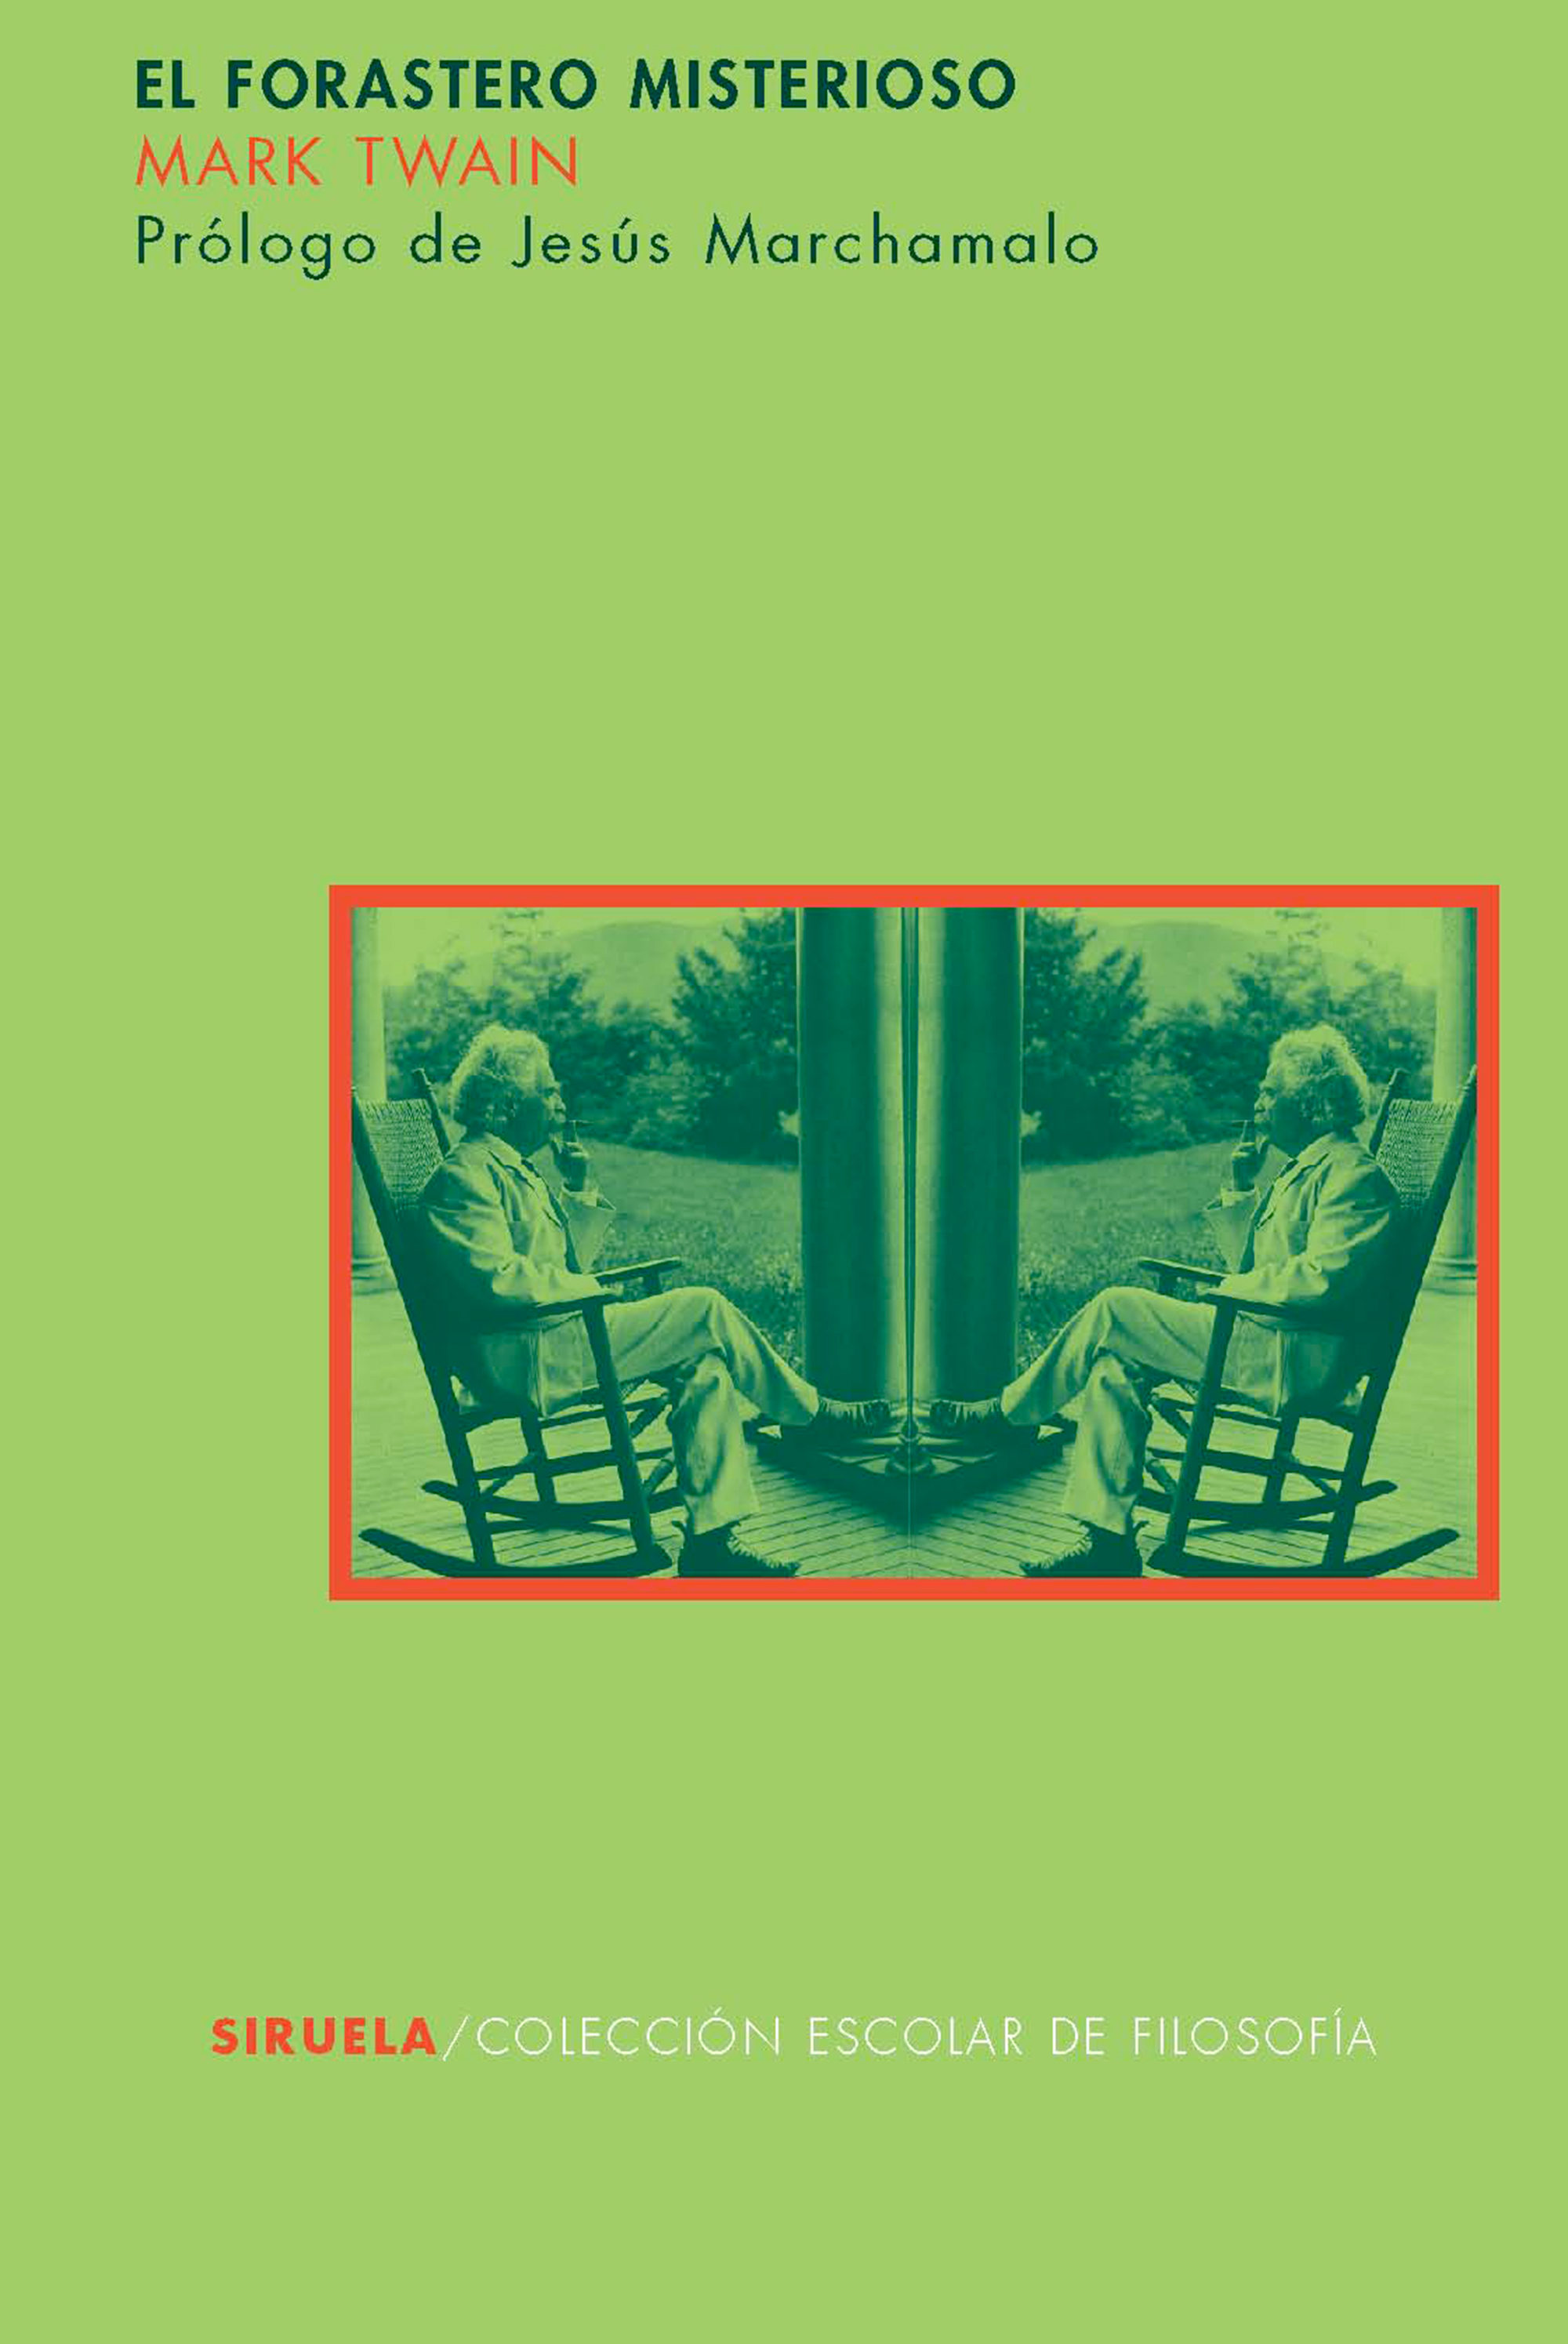 El Forastero Misterioso (escolar De Filosofia) - Twain Mark